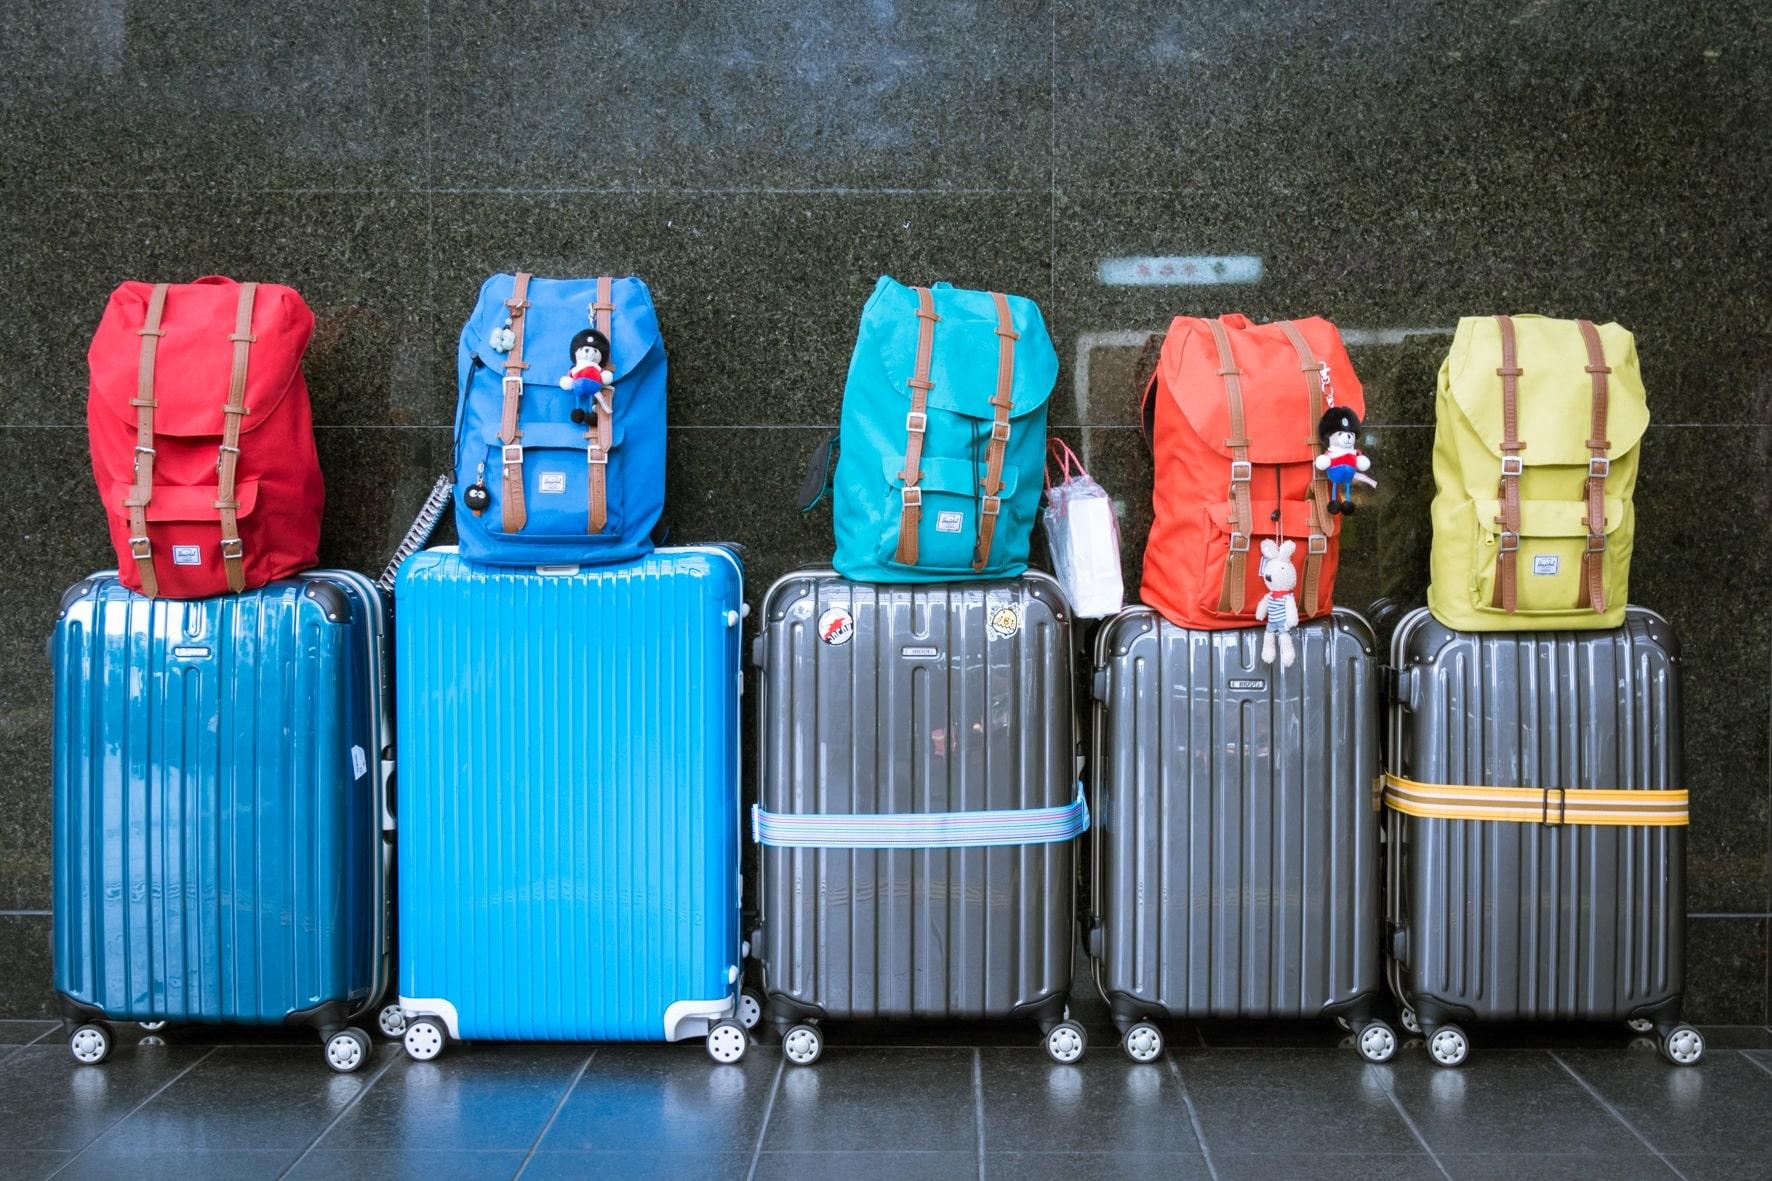 La valigia, piccoli trucchi e qualche strategia